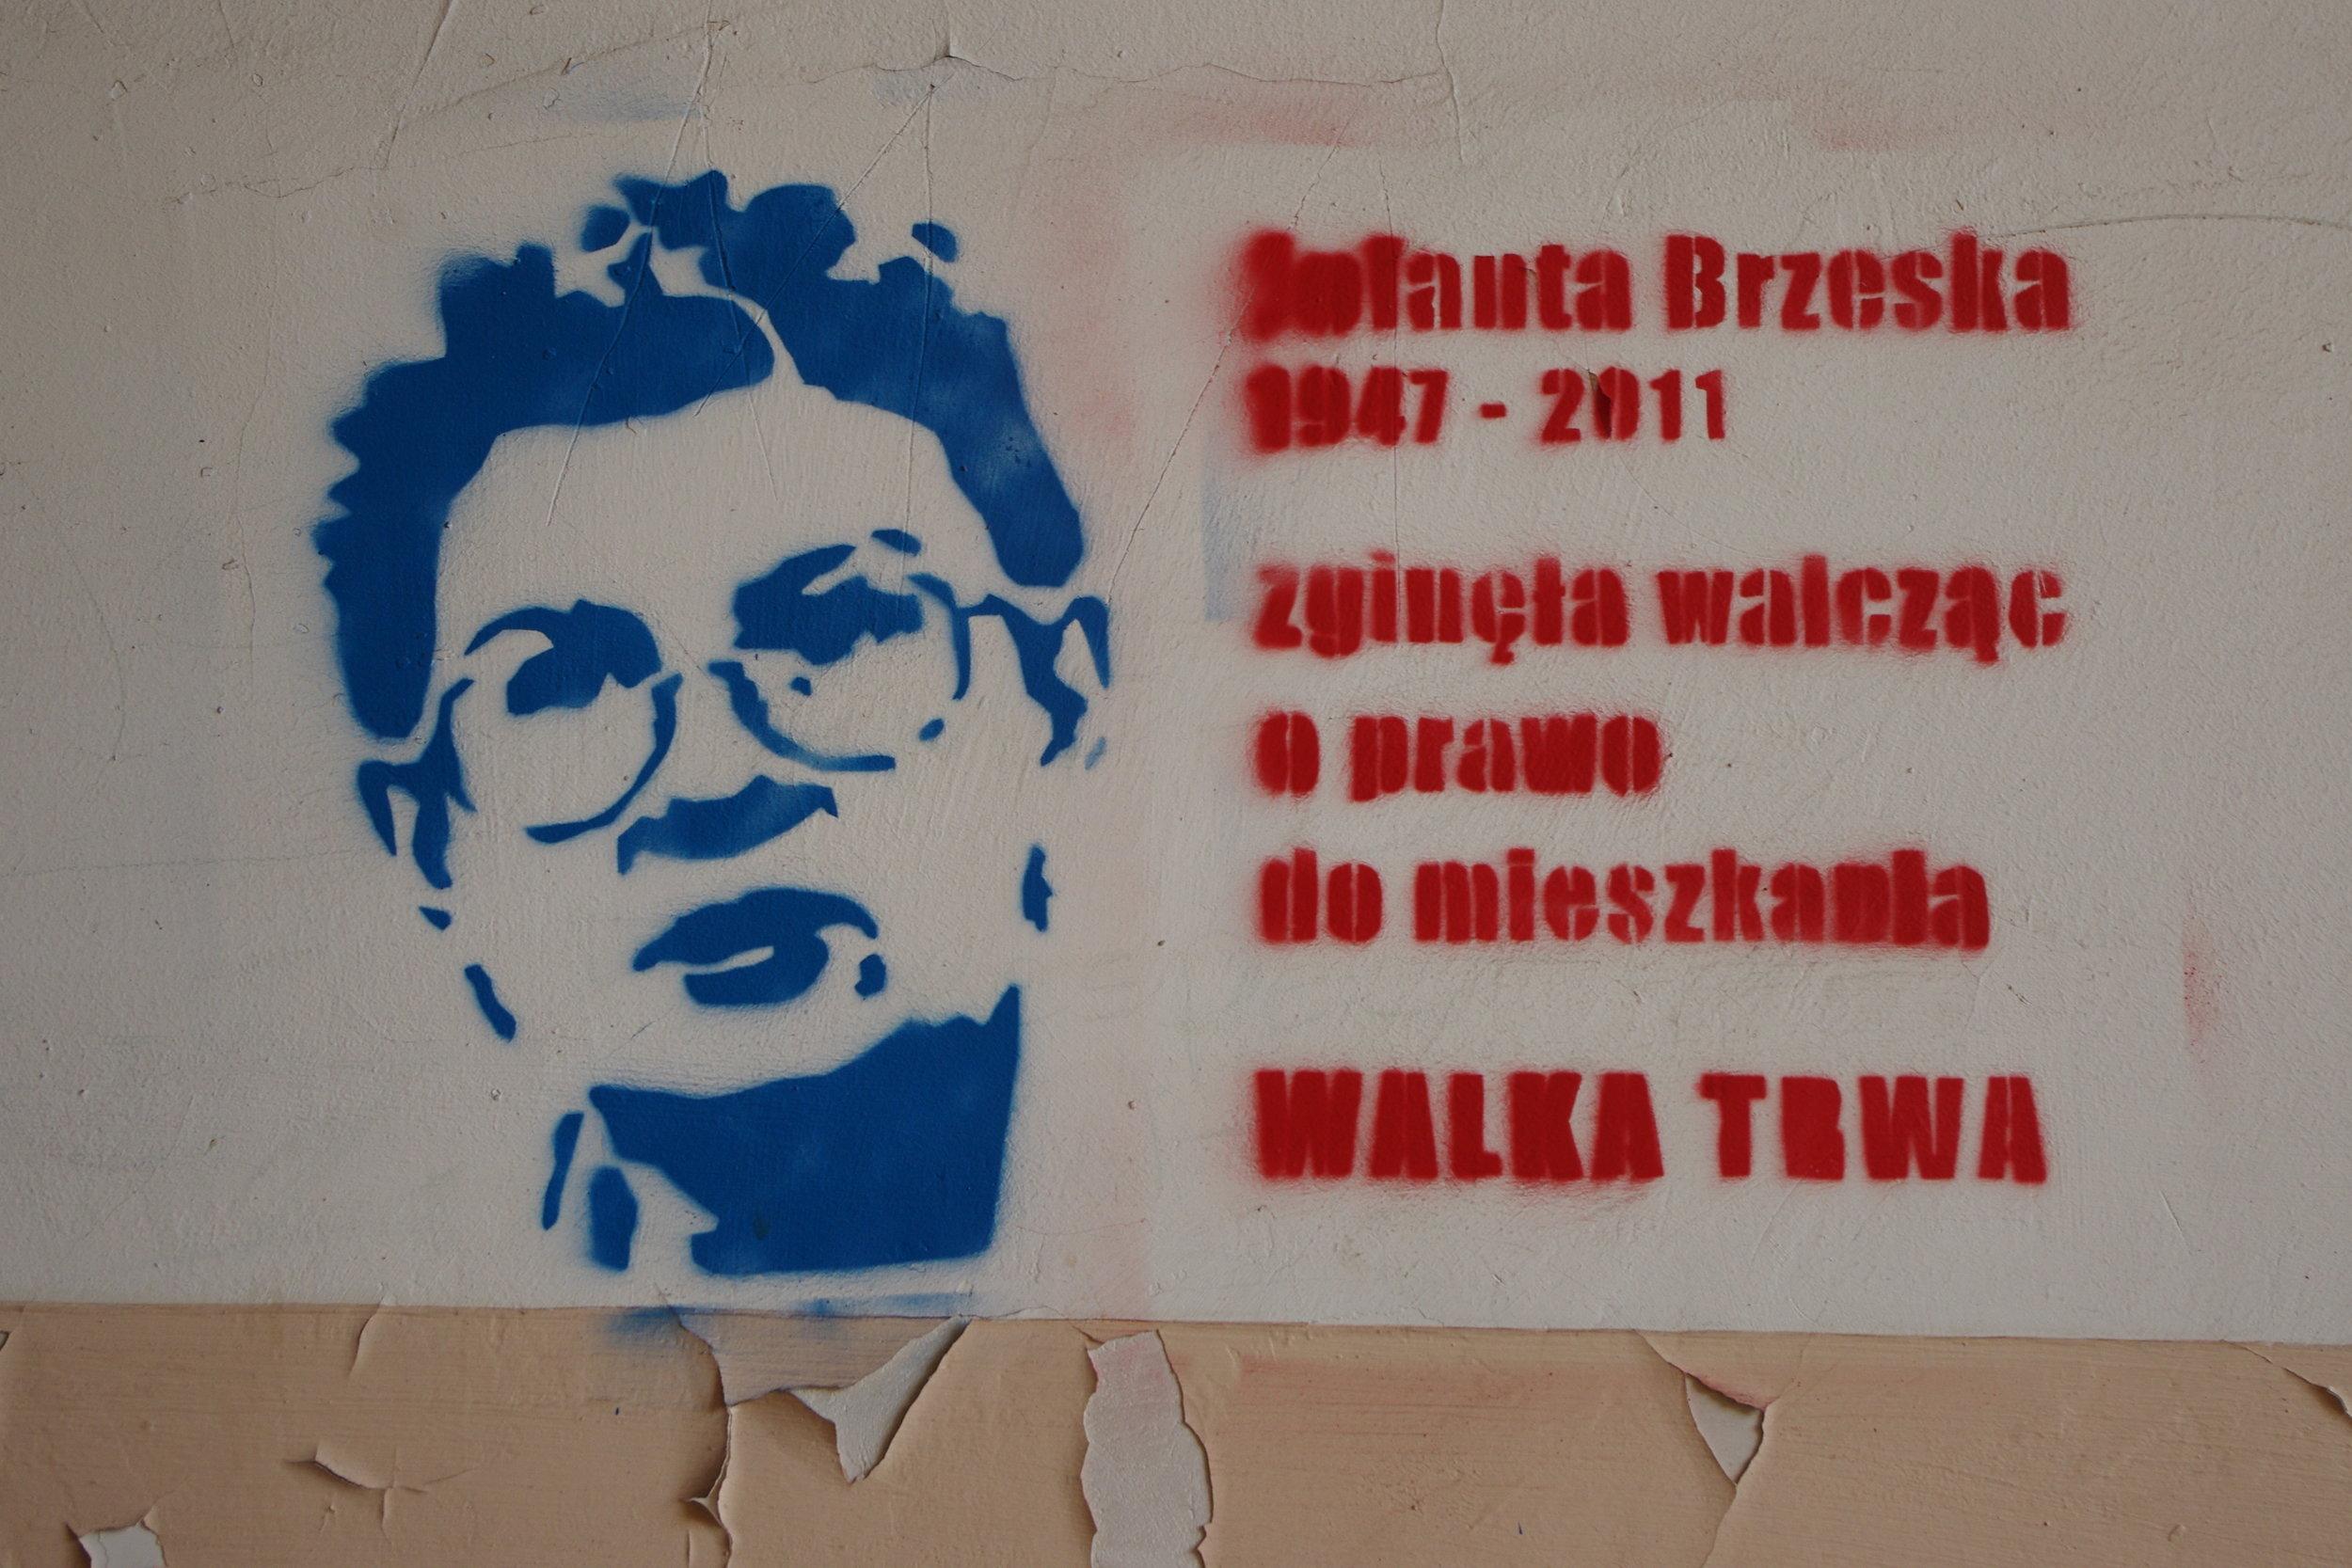 """Murales dedicato a Jolanta Brzeska nel centro di Varsavia. Recita """"è morta lottando per il diritto alla casa"""". La lotta continua"""""""